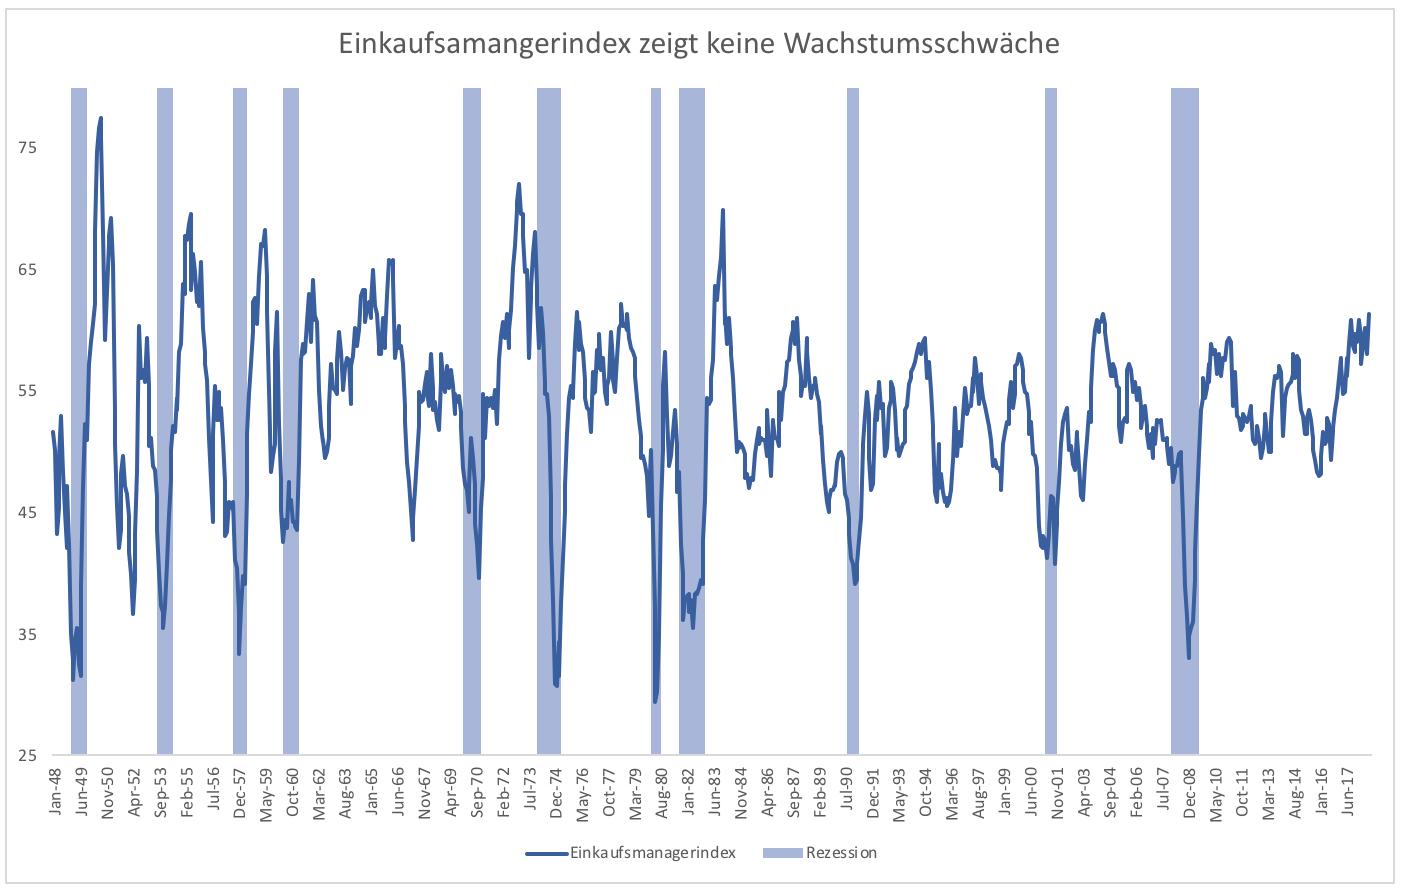 5-Gründe-warum-es-zu-keiner-Rezession-kommen-wird-Kommentar-Clemens-Schmale-GodmodeTrader.de-5